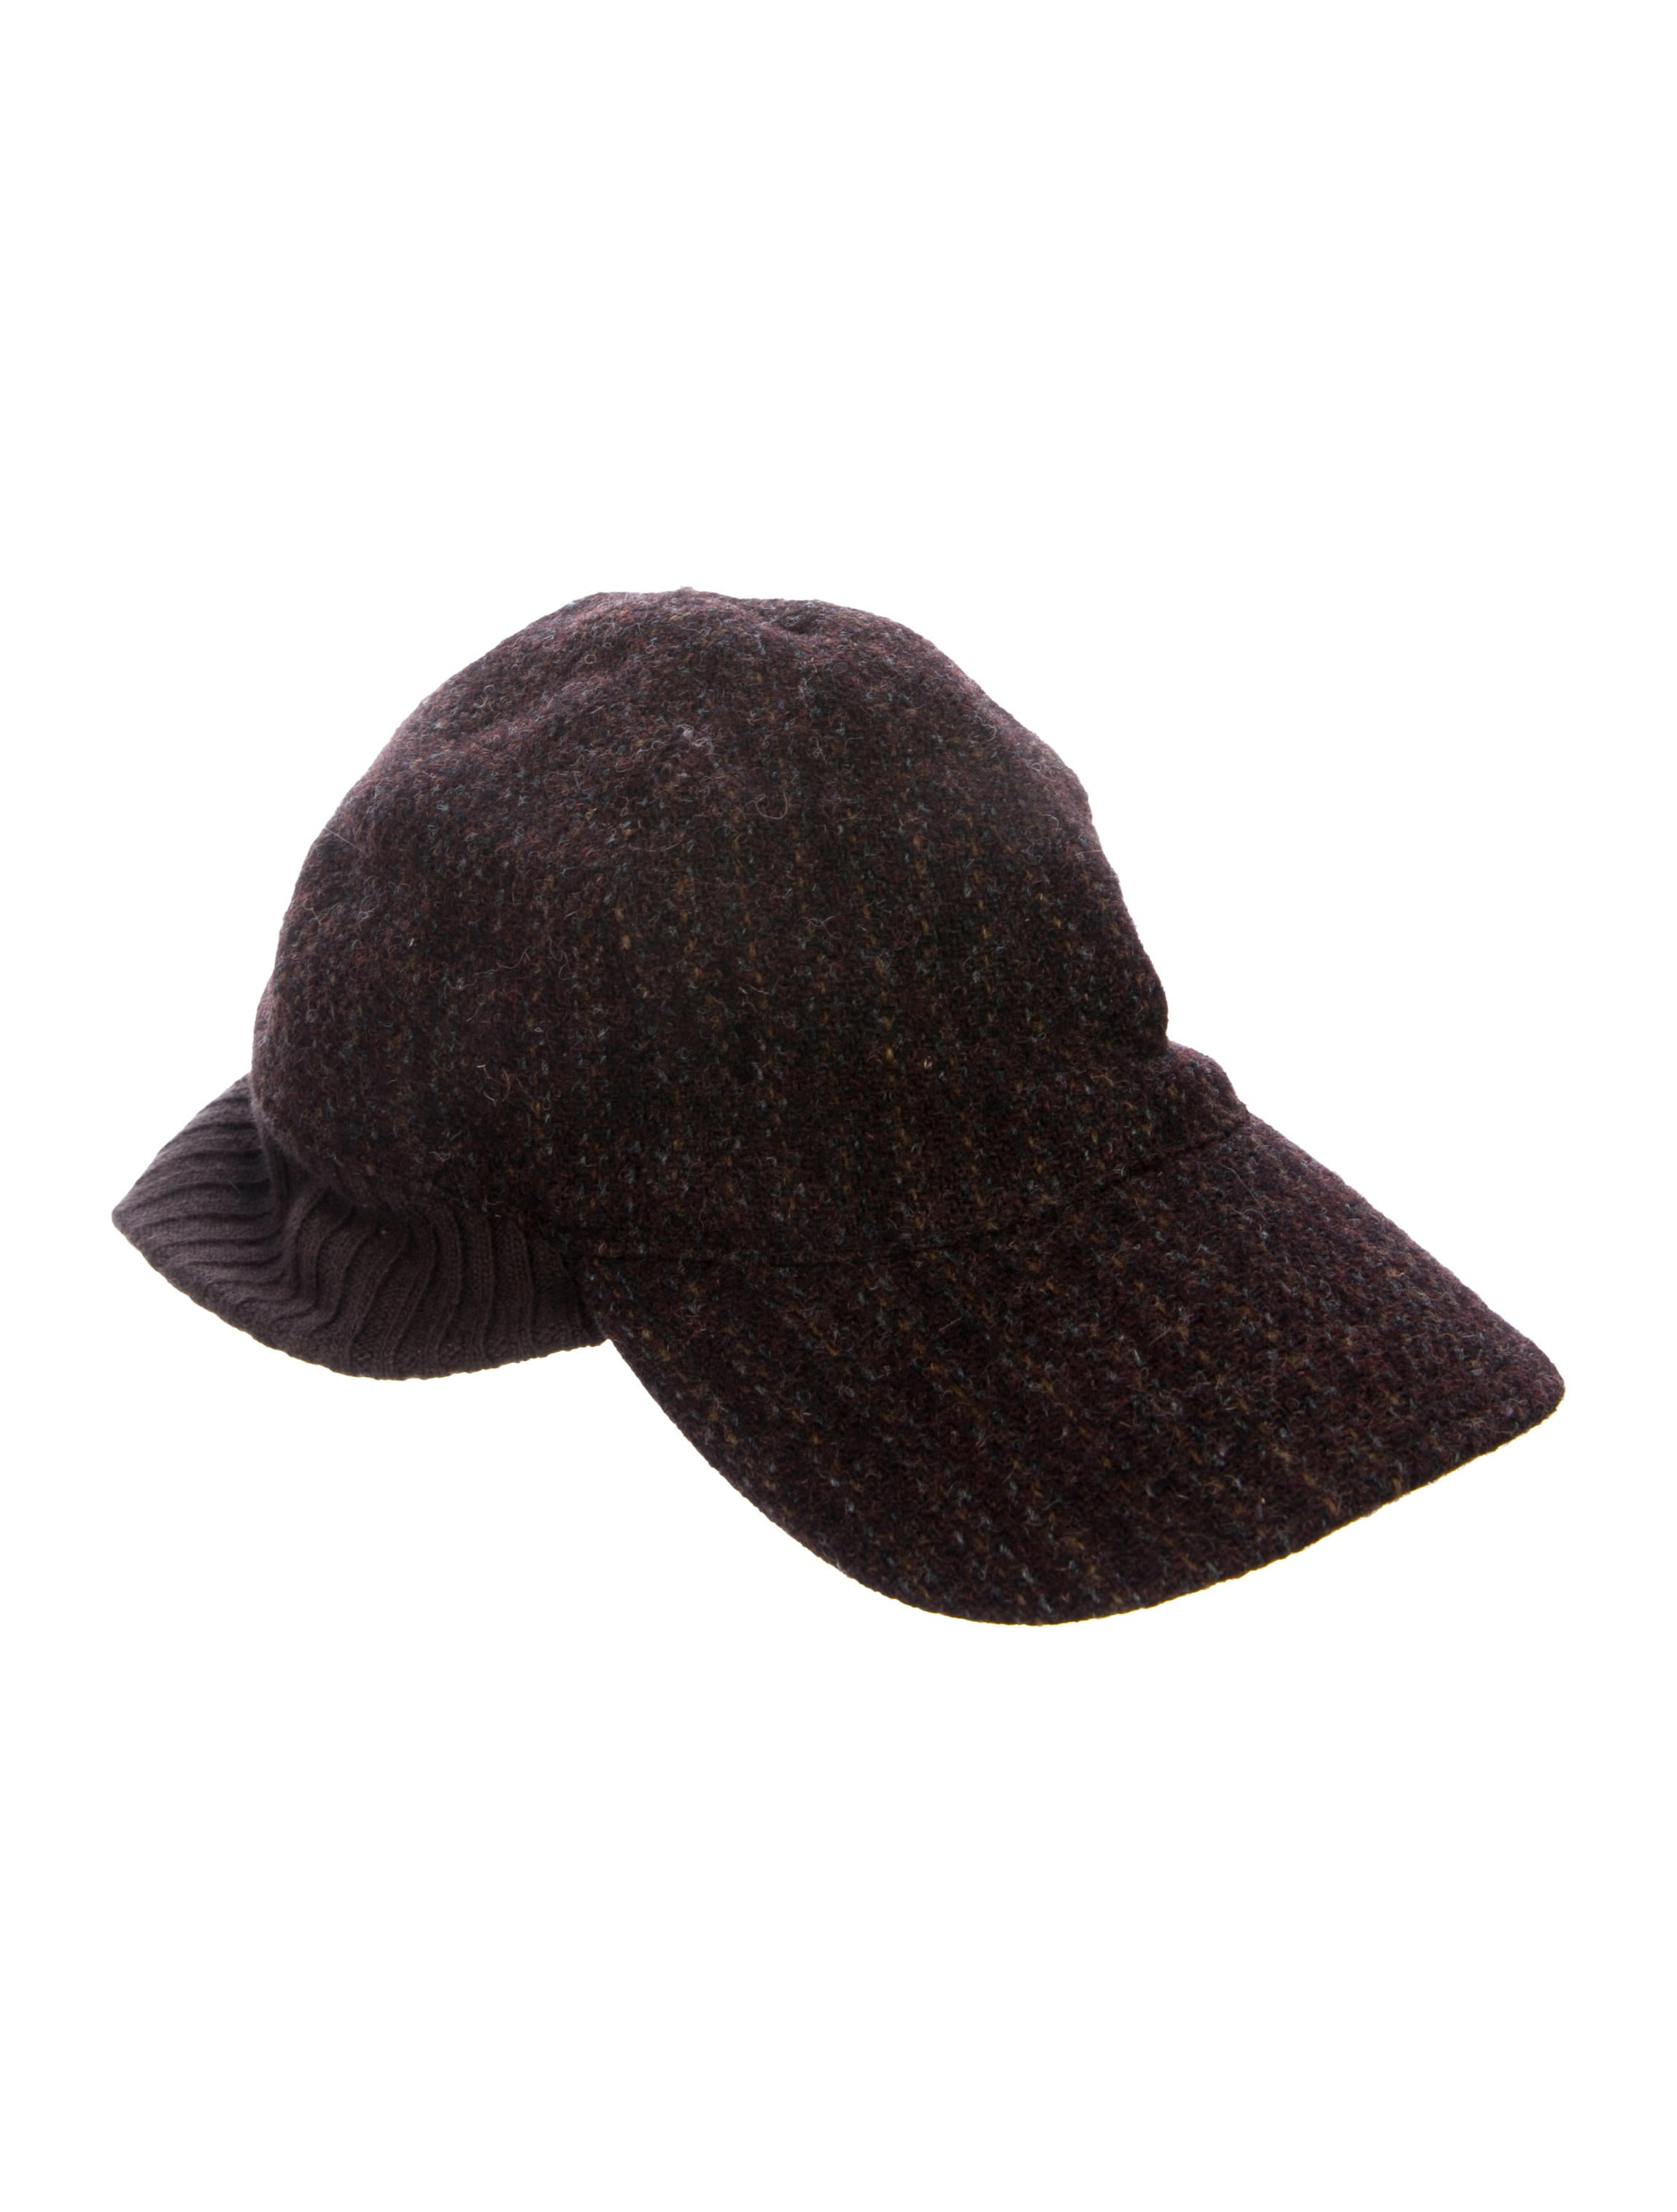 1f611ed6e6f Prada Sport Rib Knit Wool Hat - Accessories - WPR56176